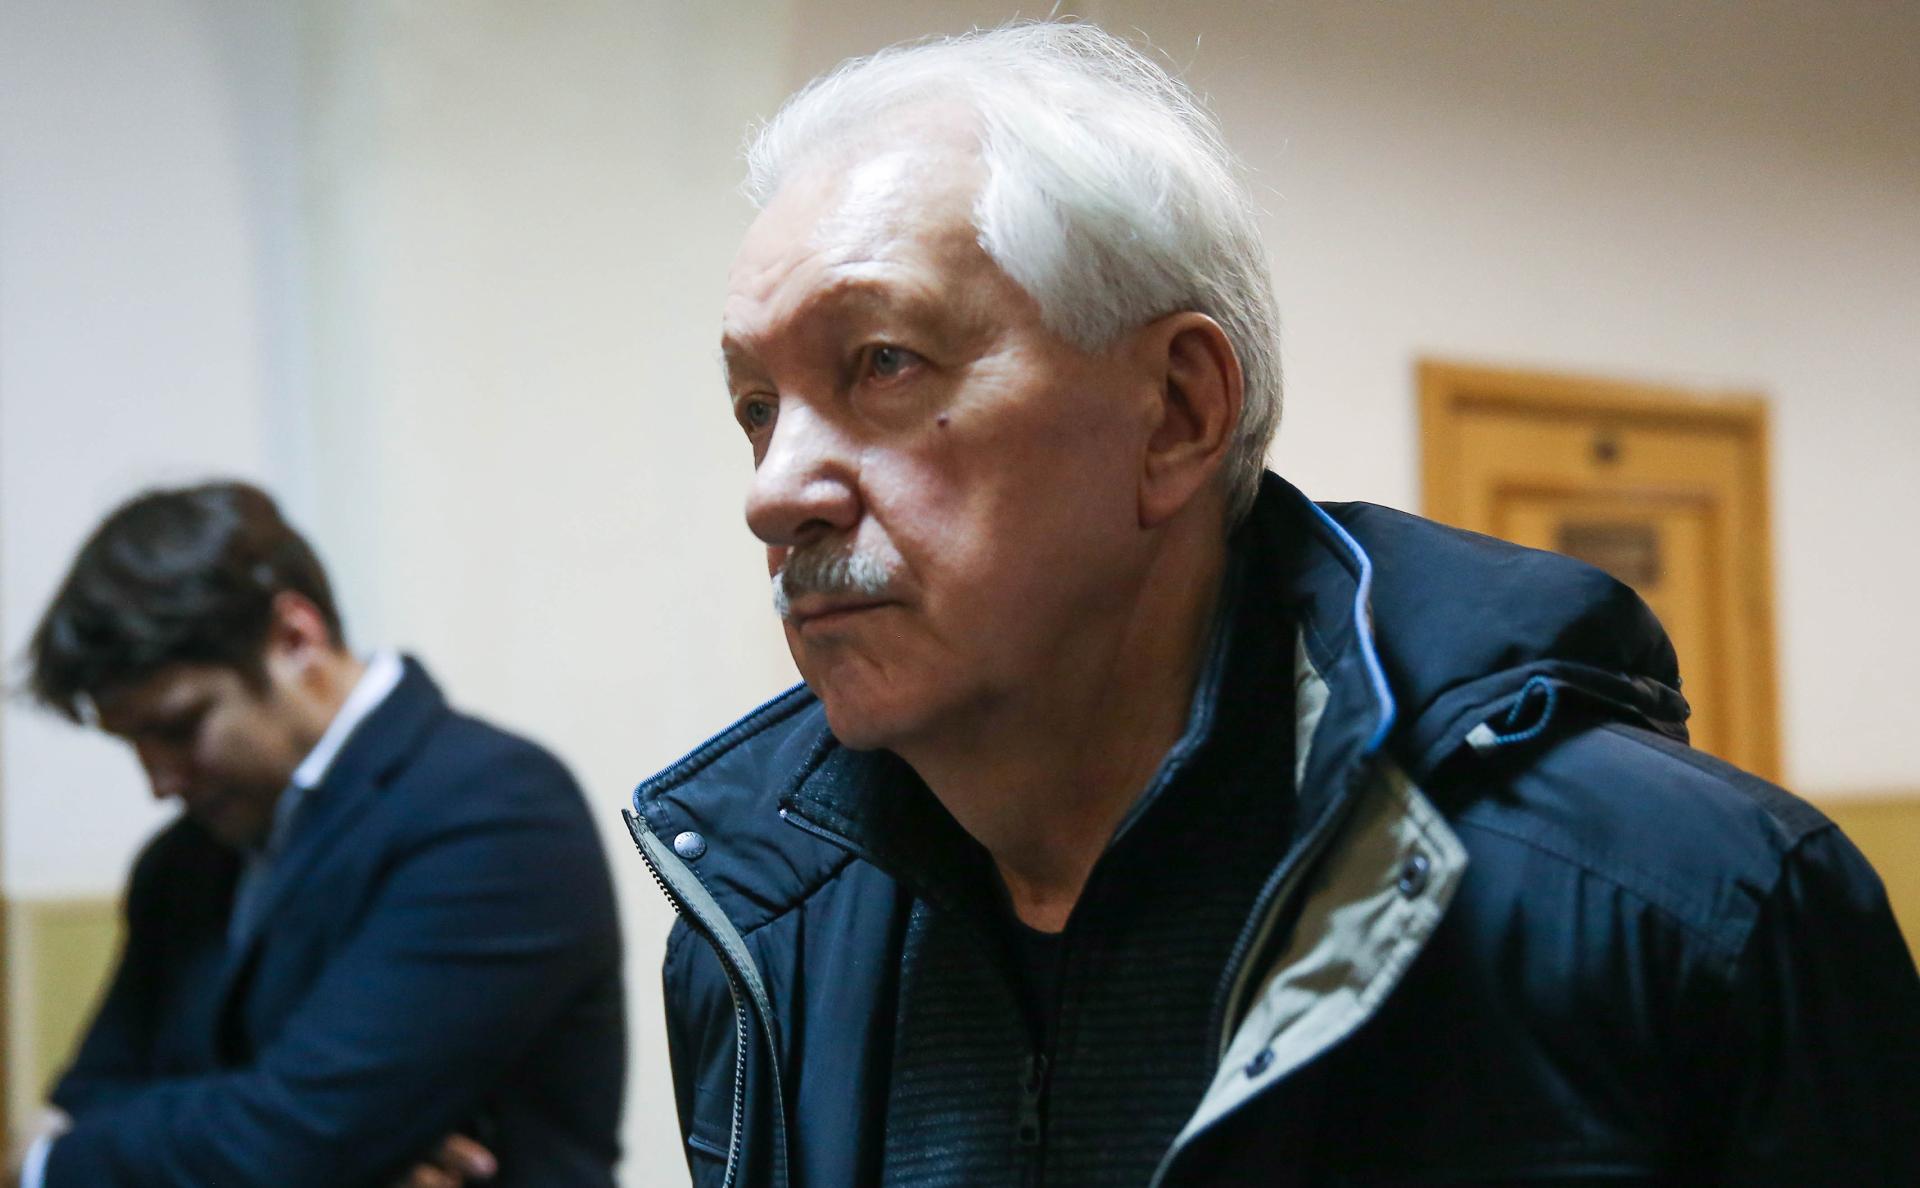 Экс-главу Коми Торлопова освободили из колонии по УДО